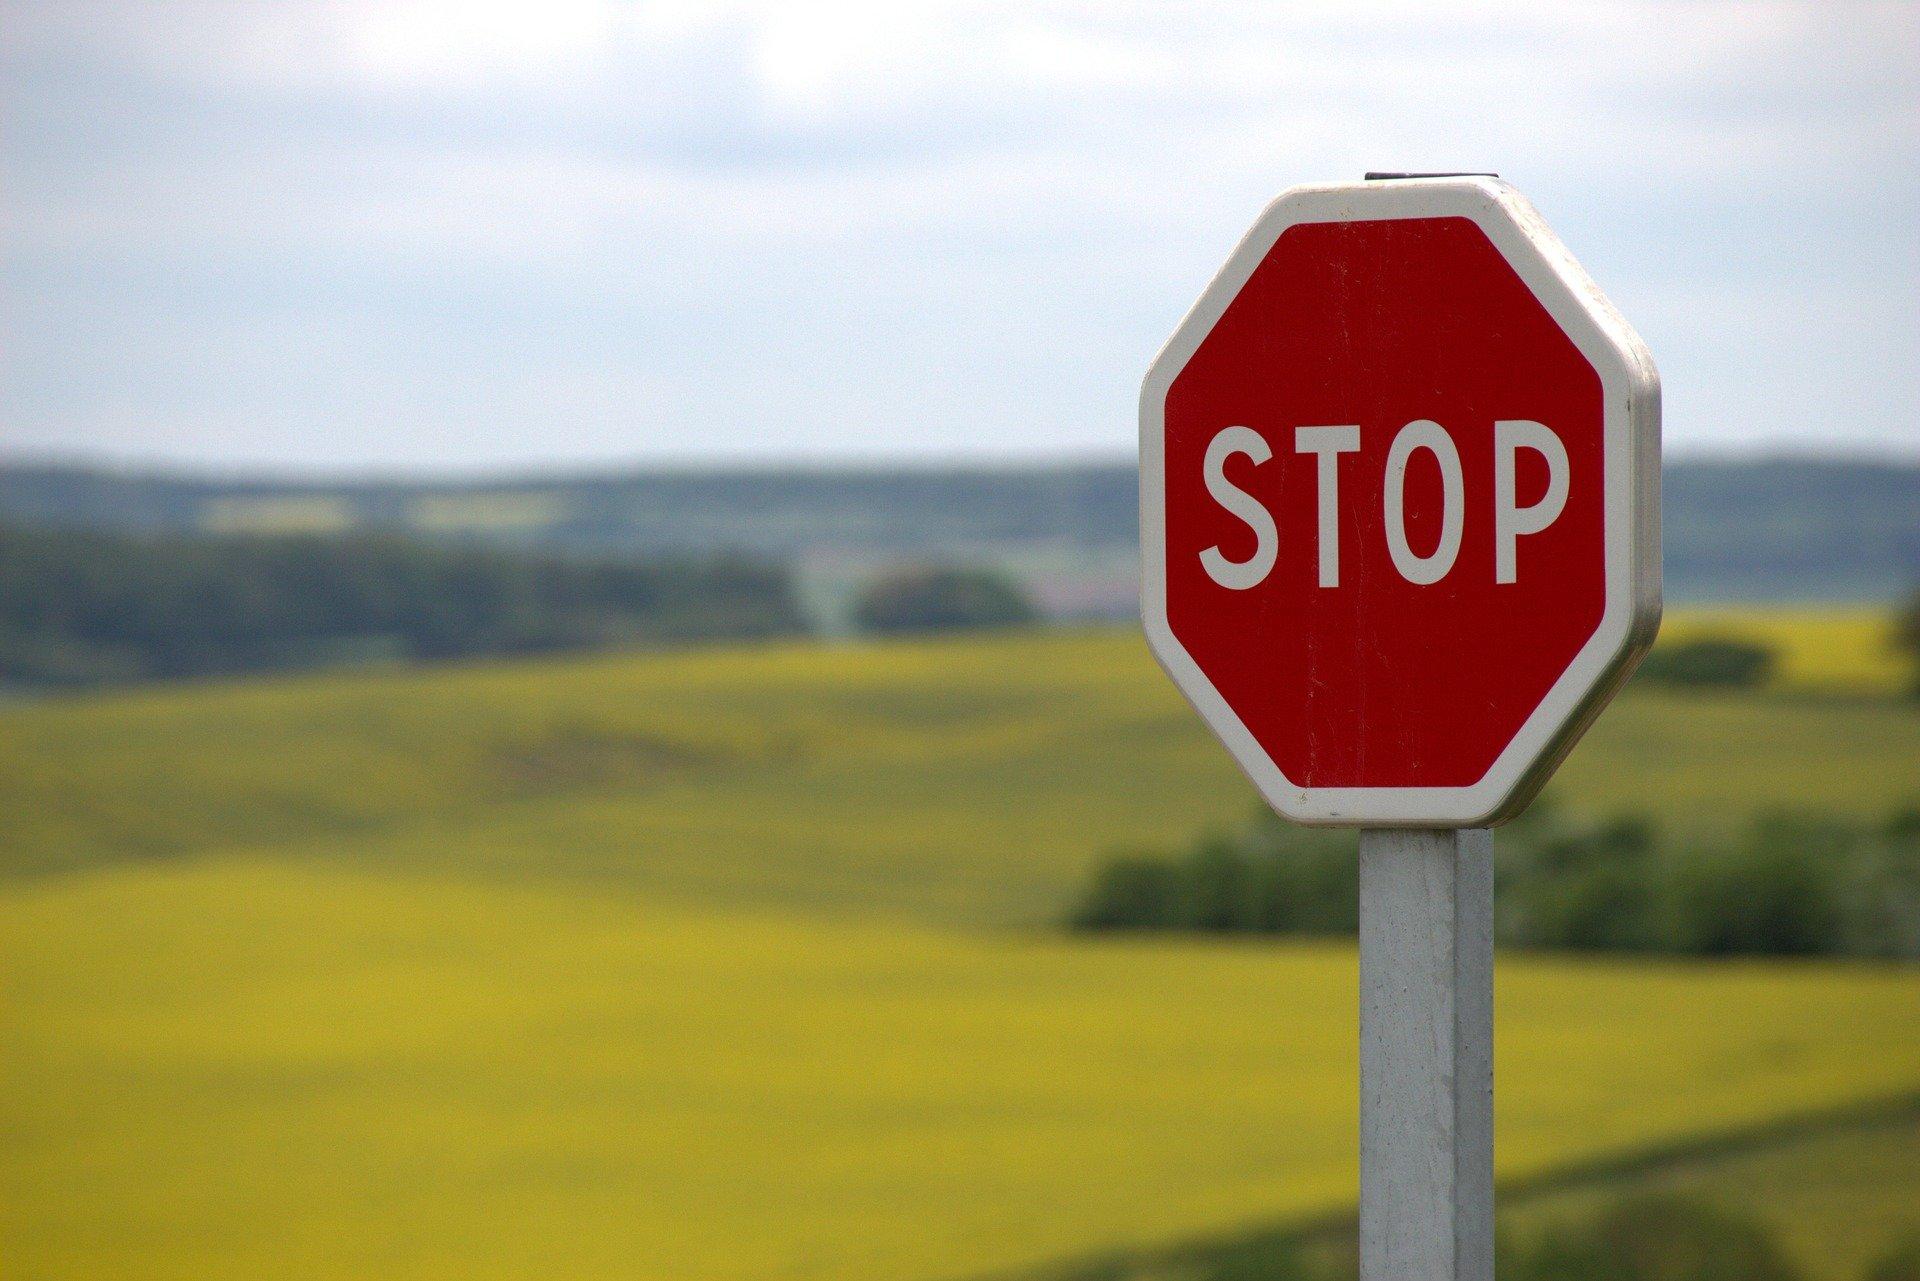 Распознавание дорожных знаков